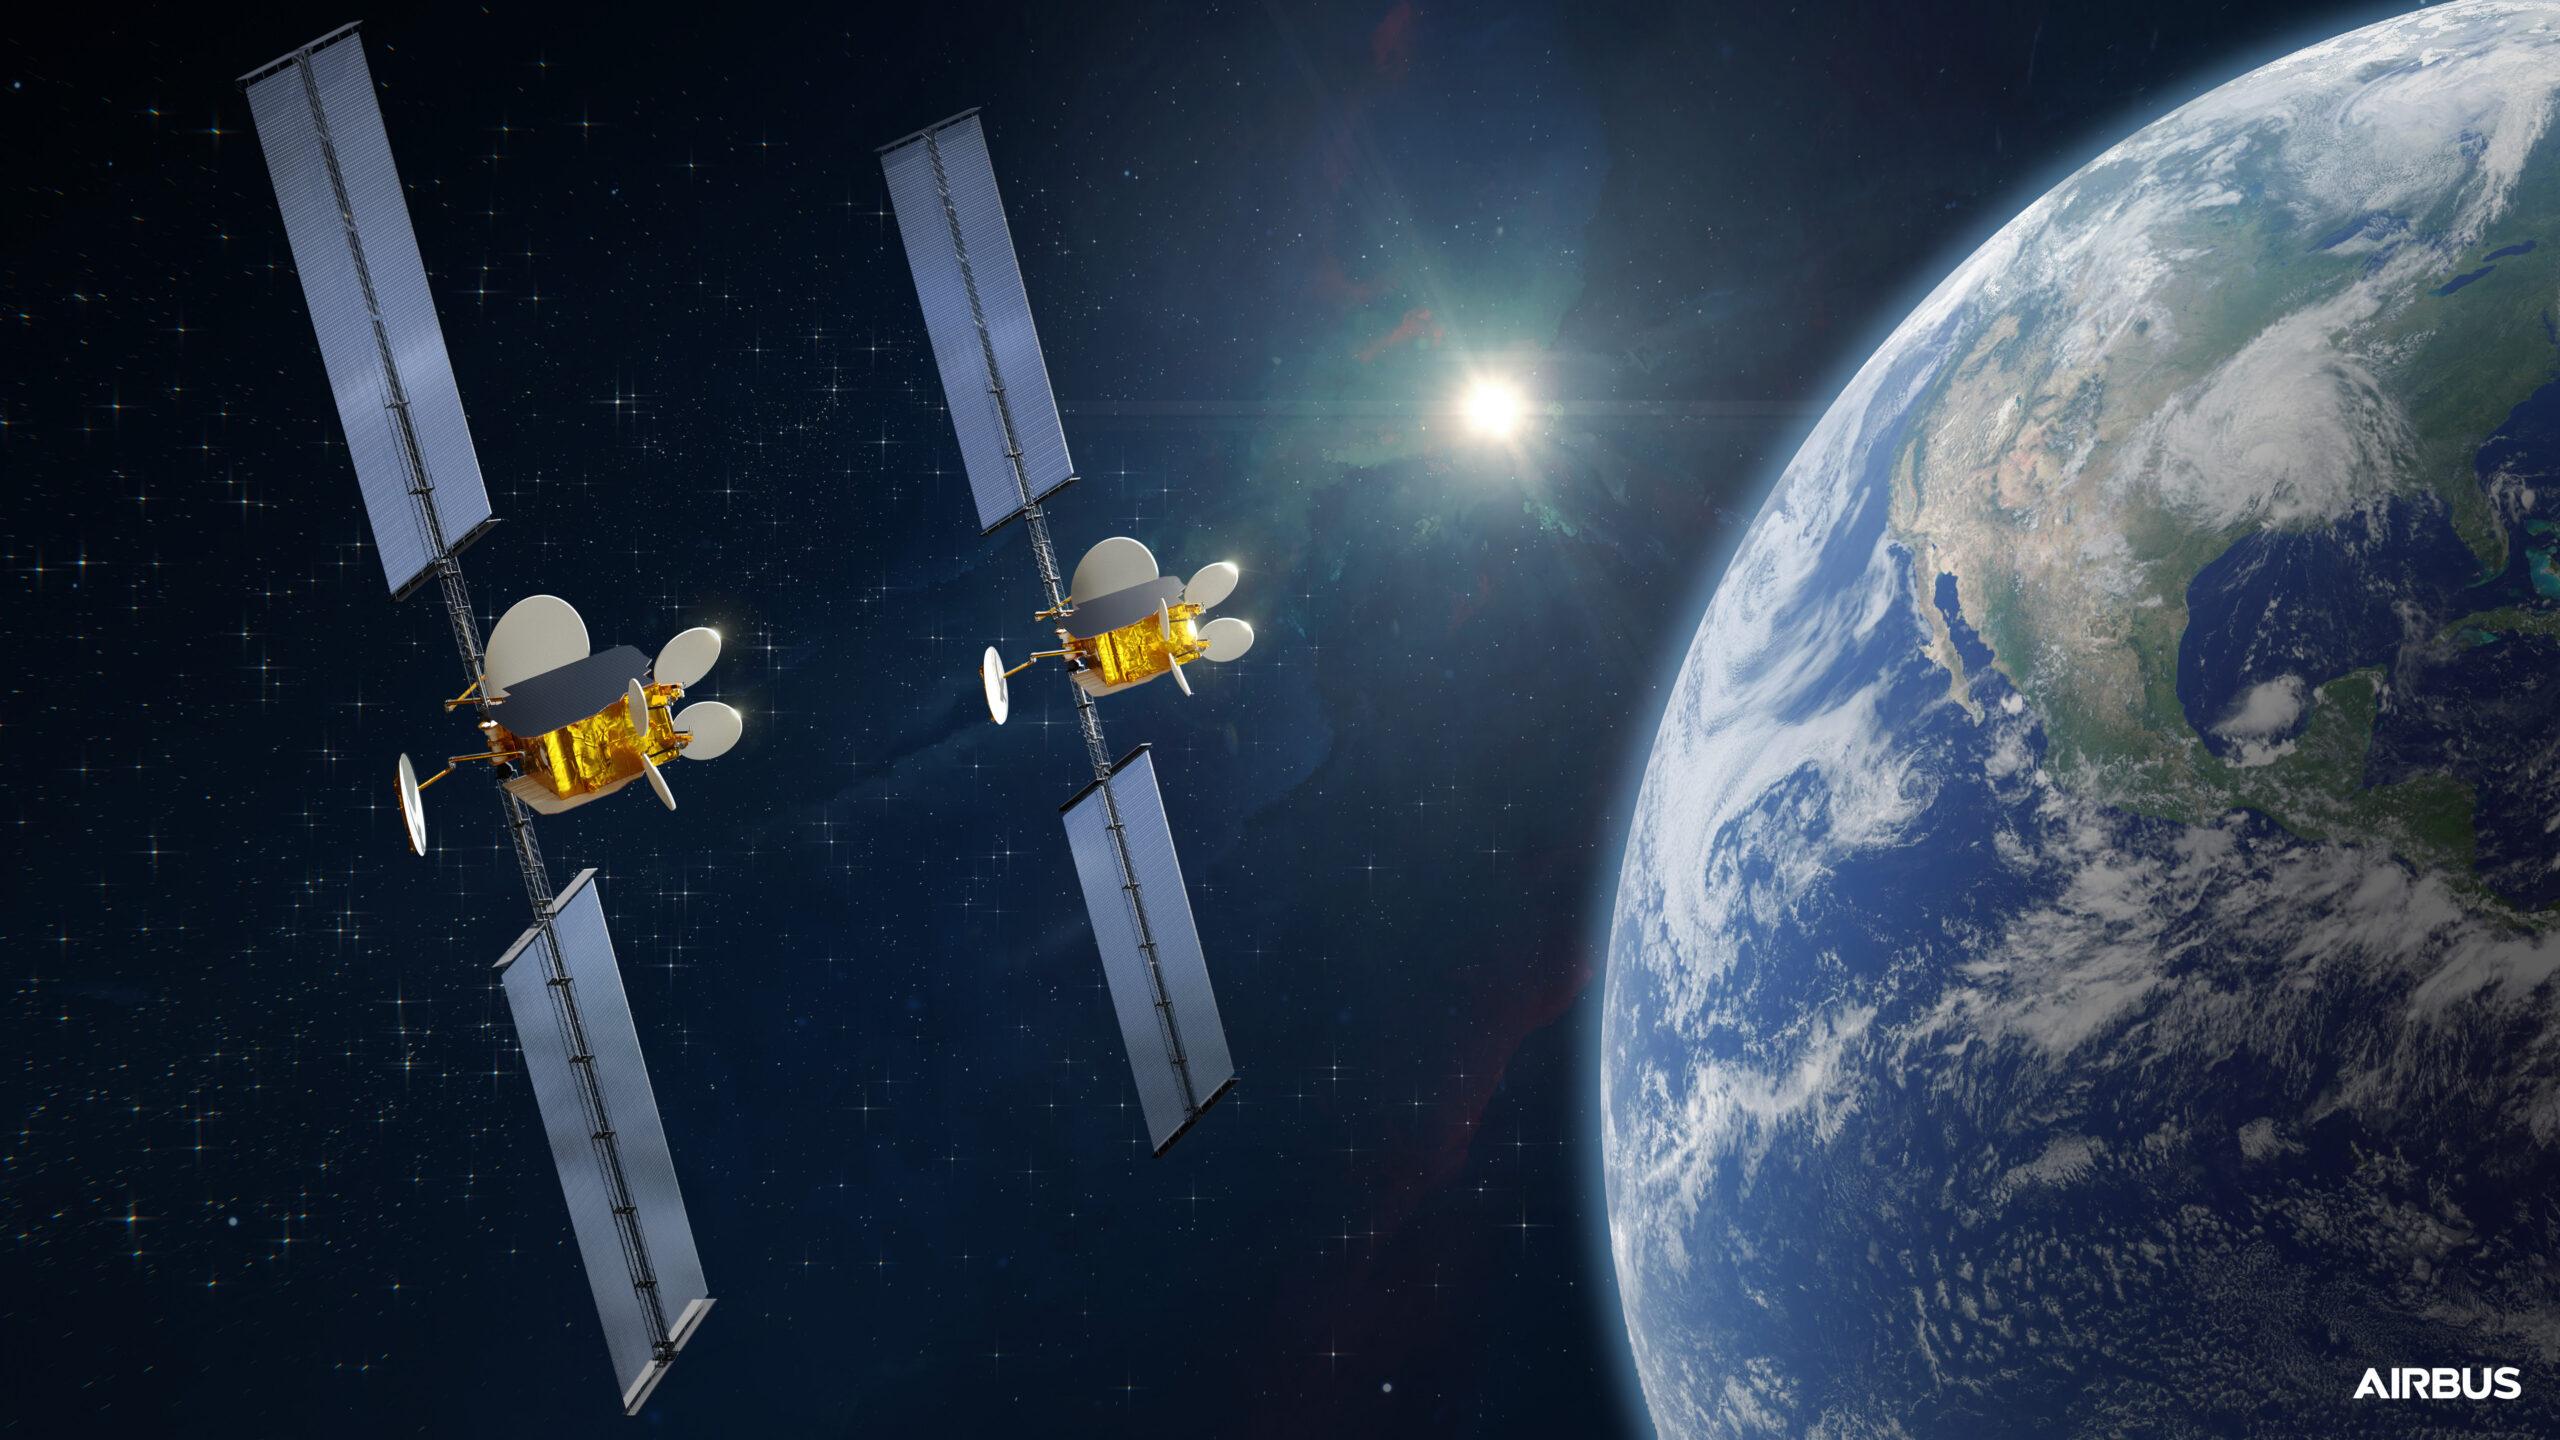 Airbus Mulltisatelite Intelsat OneSat